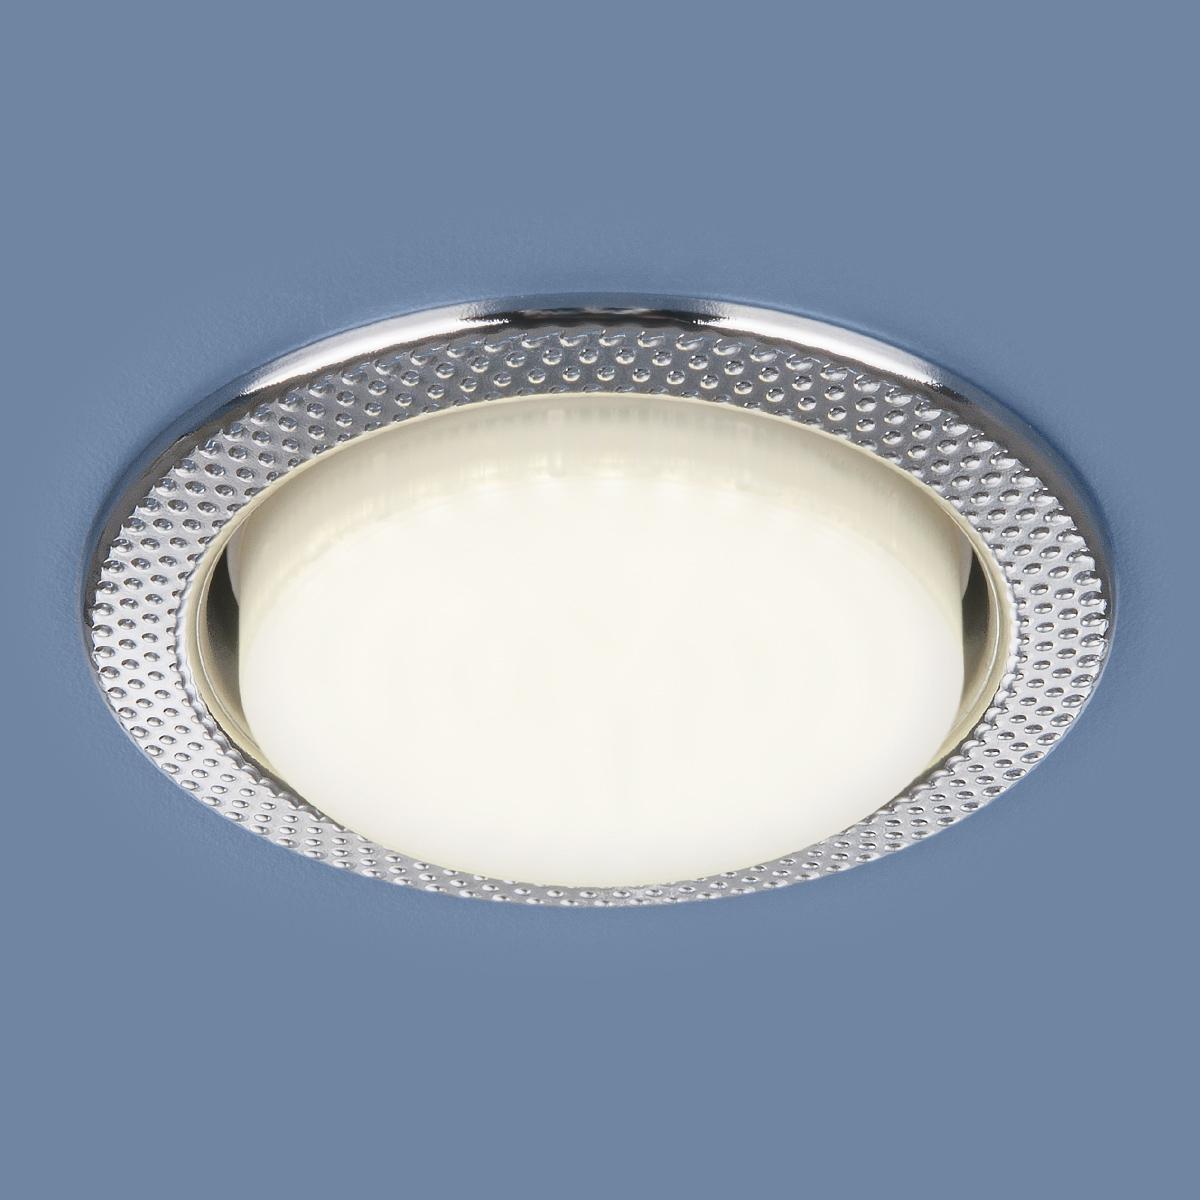 Встраиваемый светильник Elektrostandard 1066 GX53 CH хром 4690389078682 встраиваемый светильник elektrostandard 1035 gx53 ch хром 4690389065156